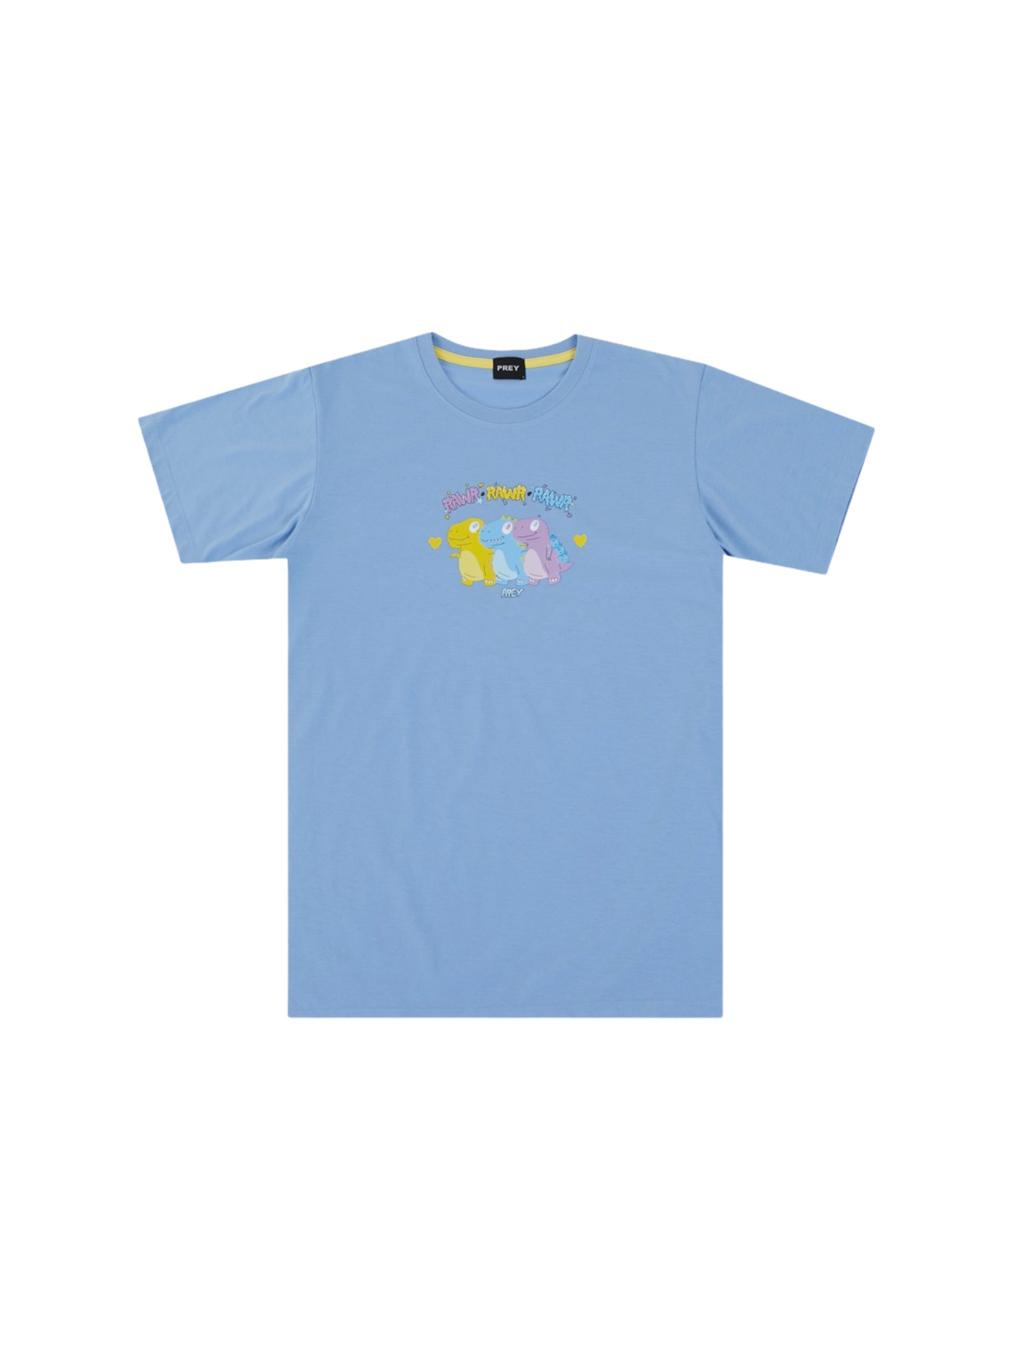 Prey Dinosaur (Light Blue)